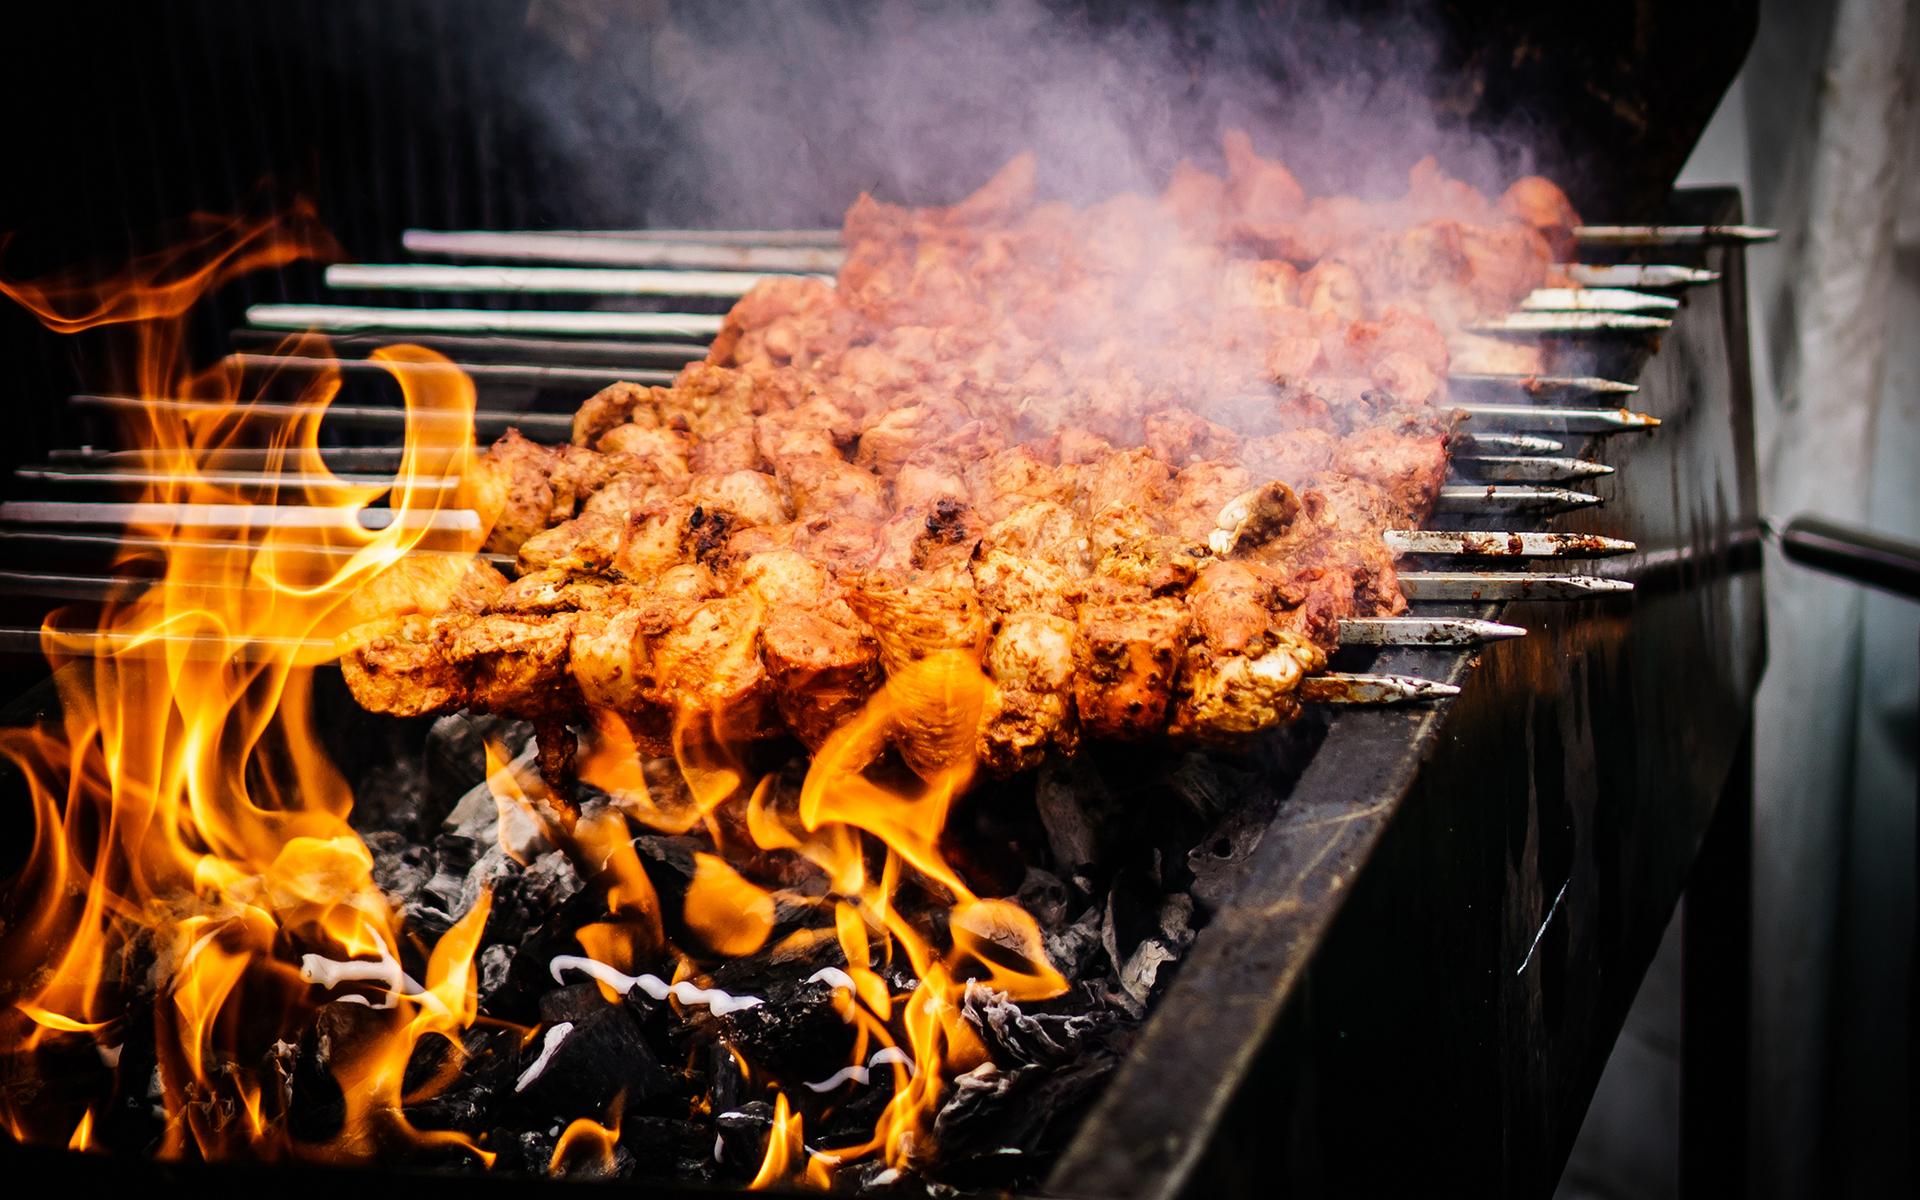 bbq-chicken-fire-meat